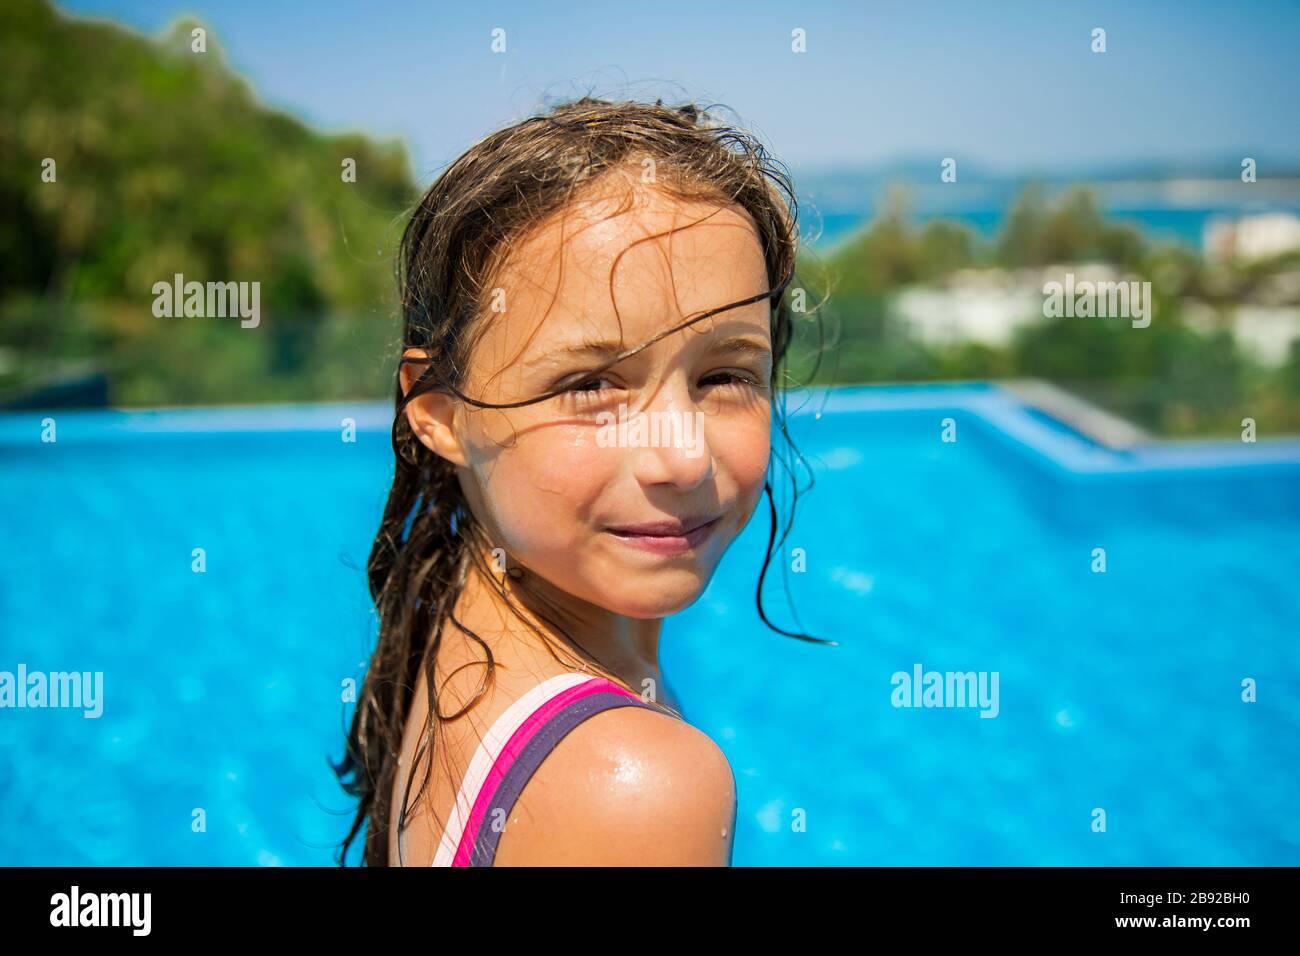 Ritratto di bambina felice in piscina guardando nella macchina fotografica. Buona vacanza estiva. Foto Stock